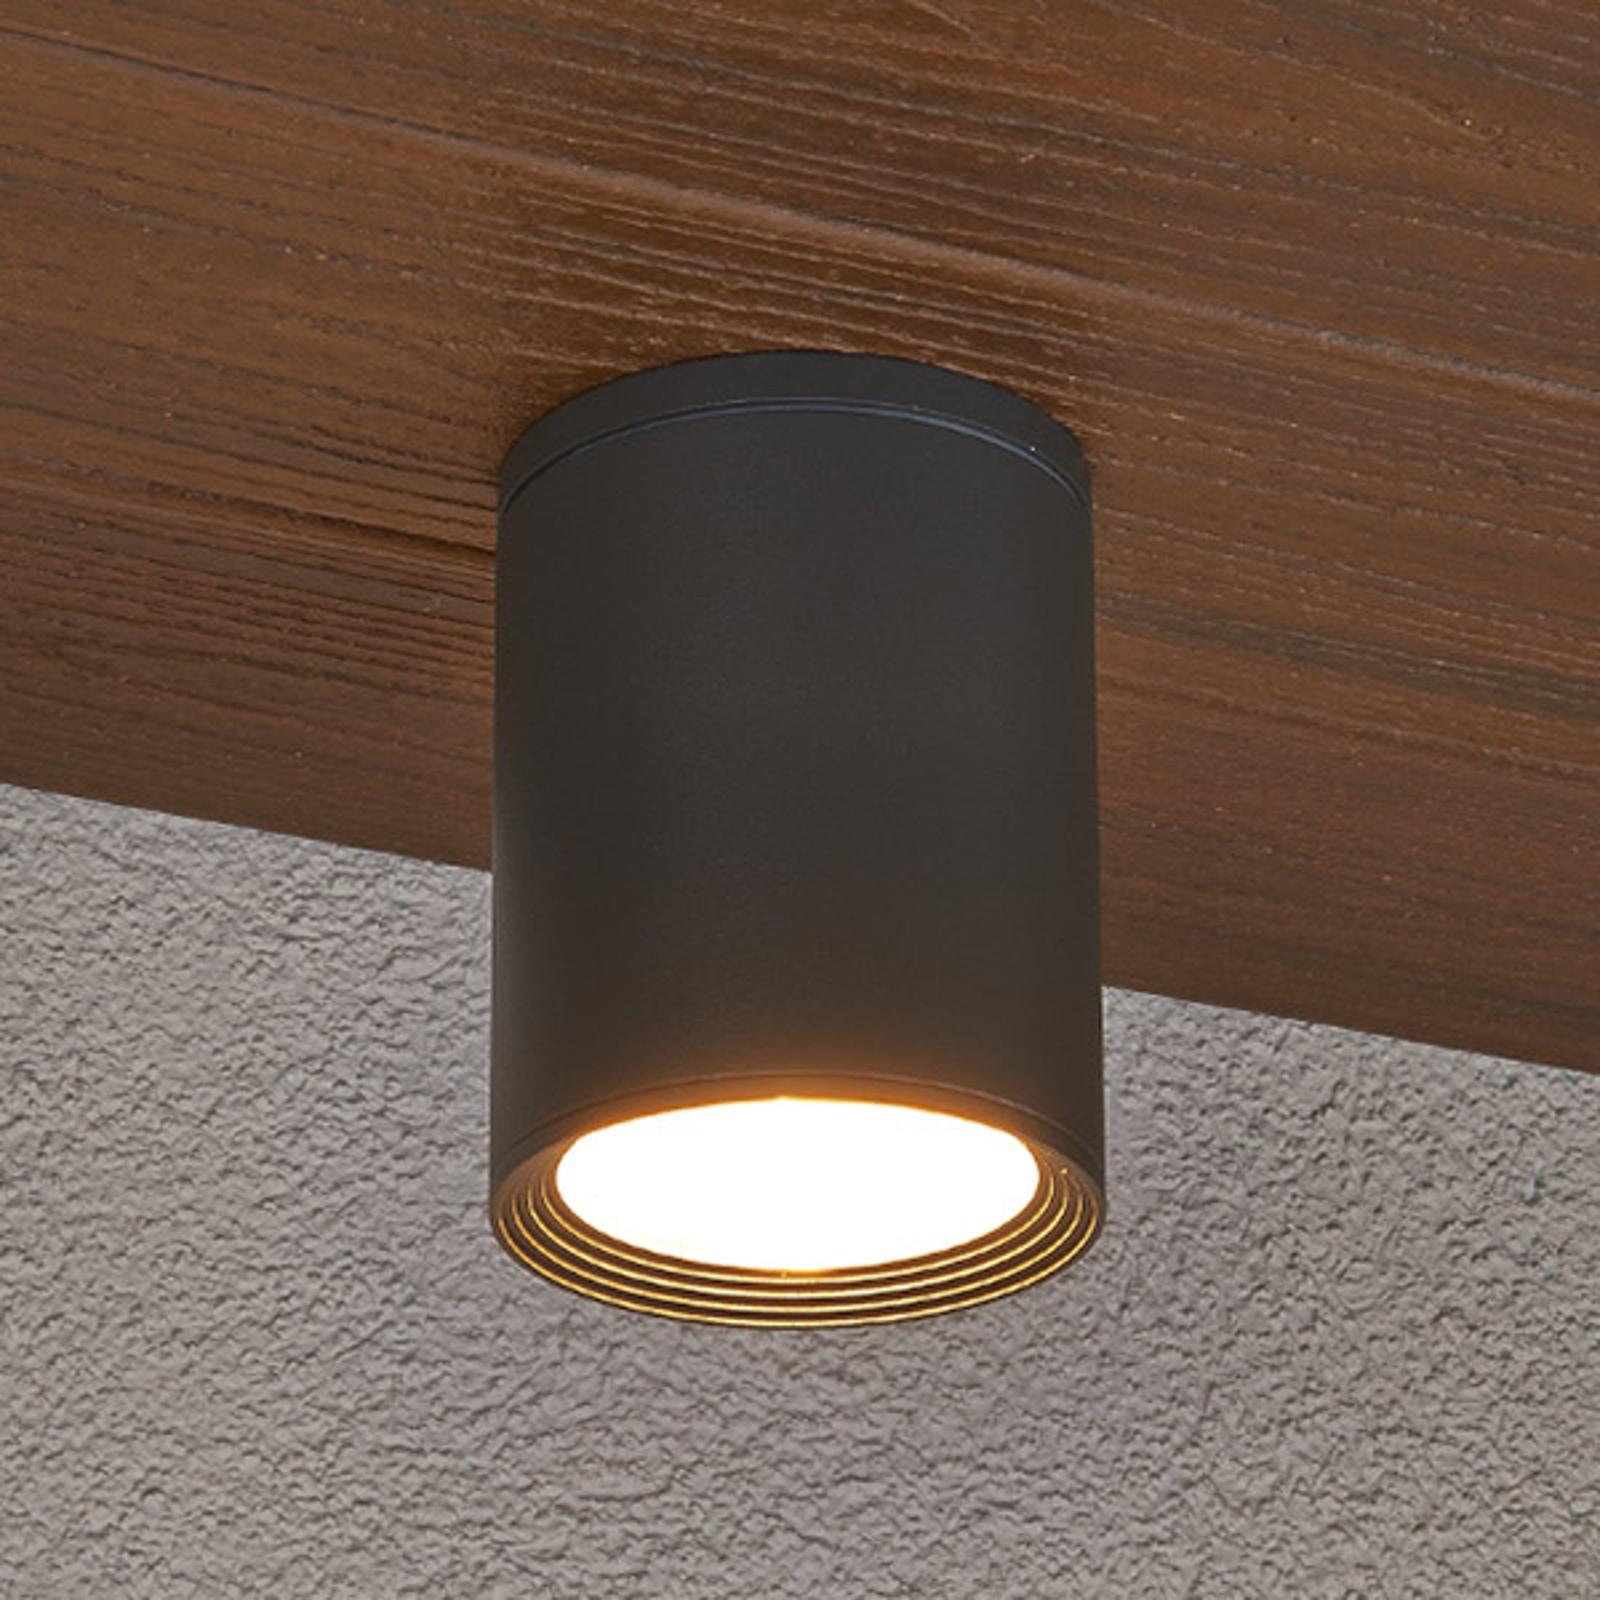 Mørkegrå Minna taklampe til utendørs bruk